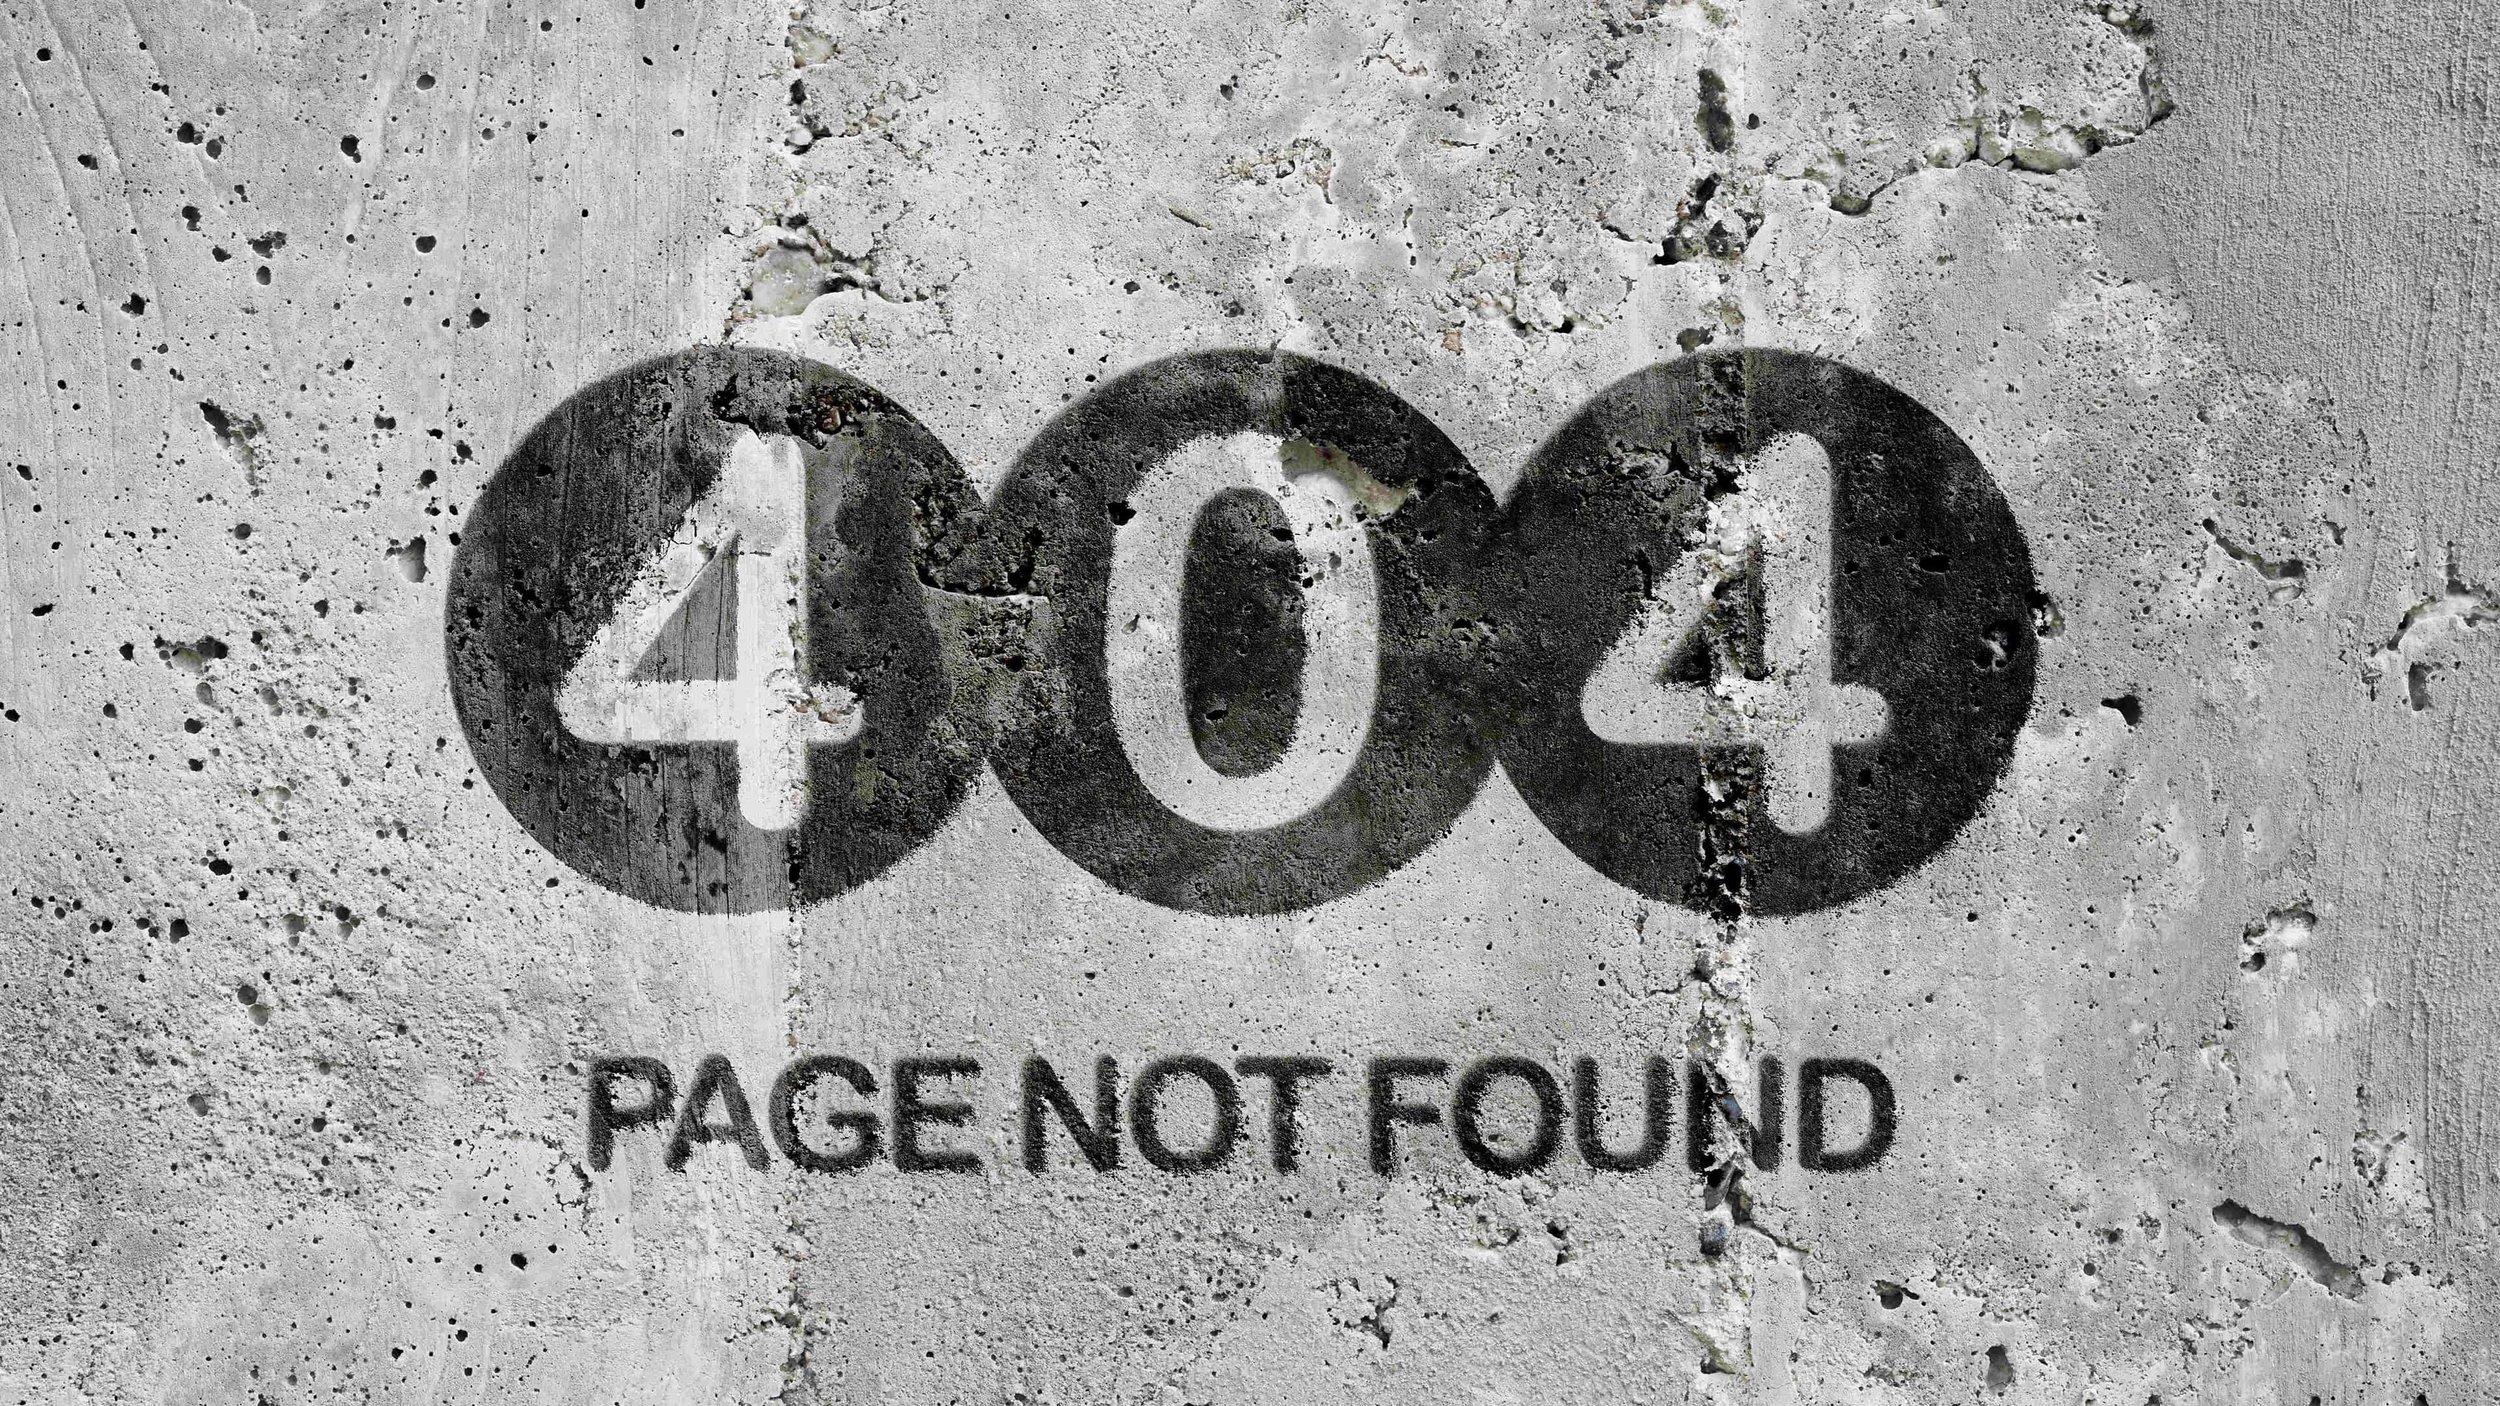 404 page not found graffiti